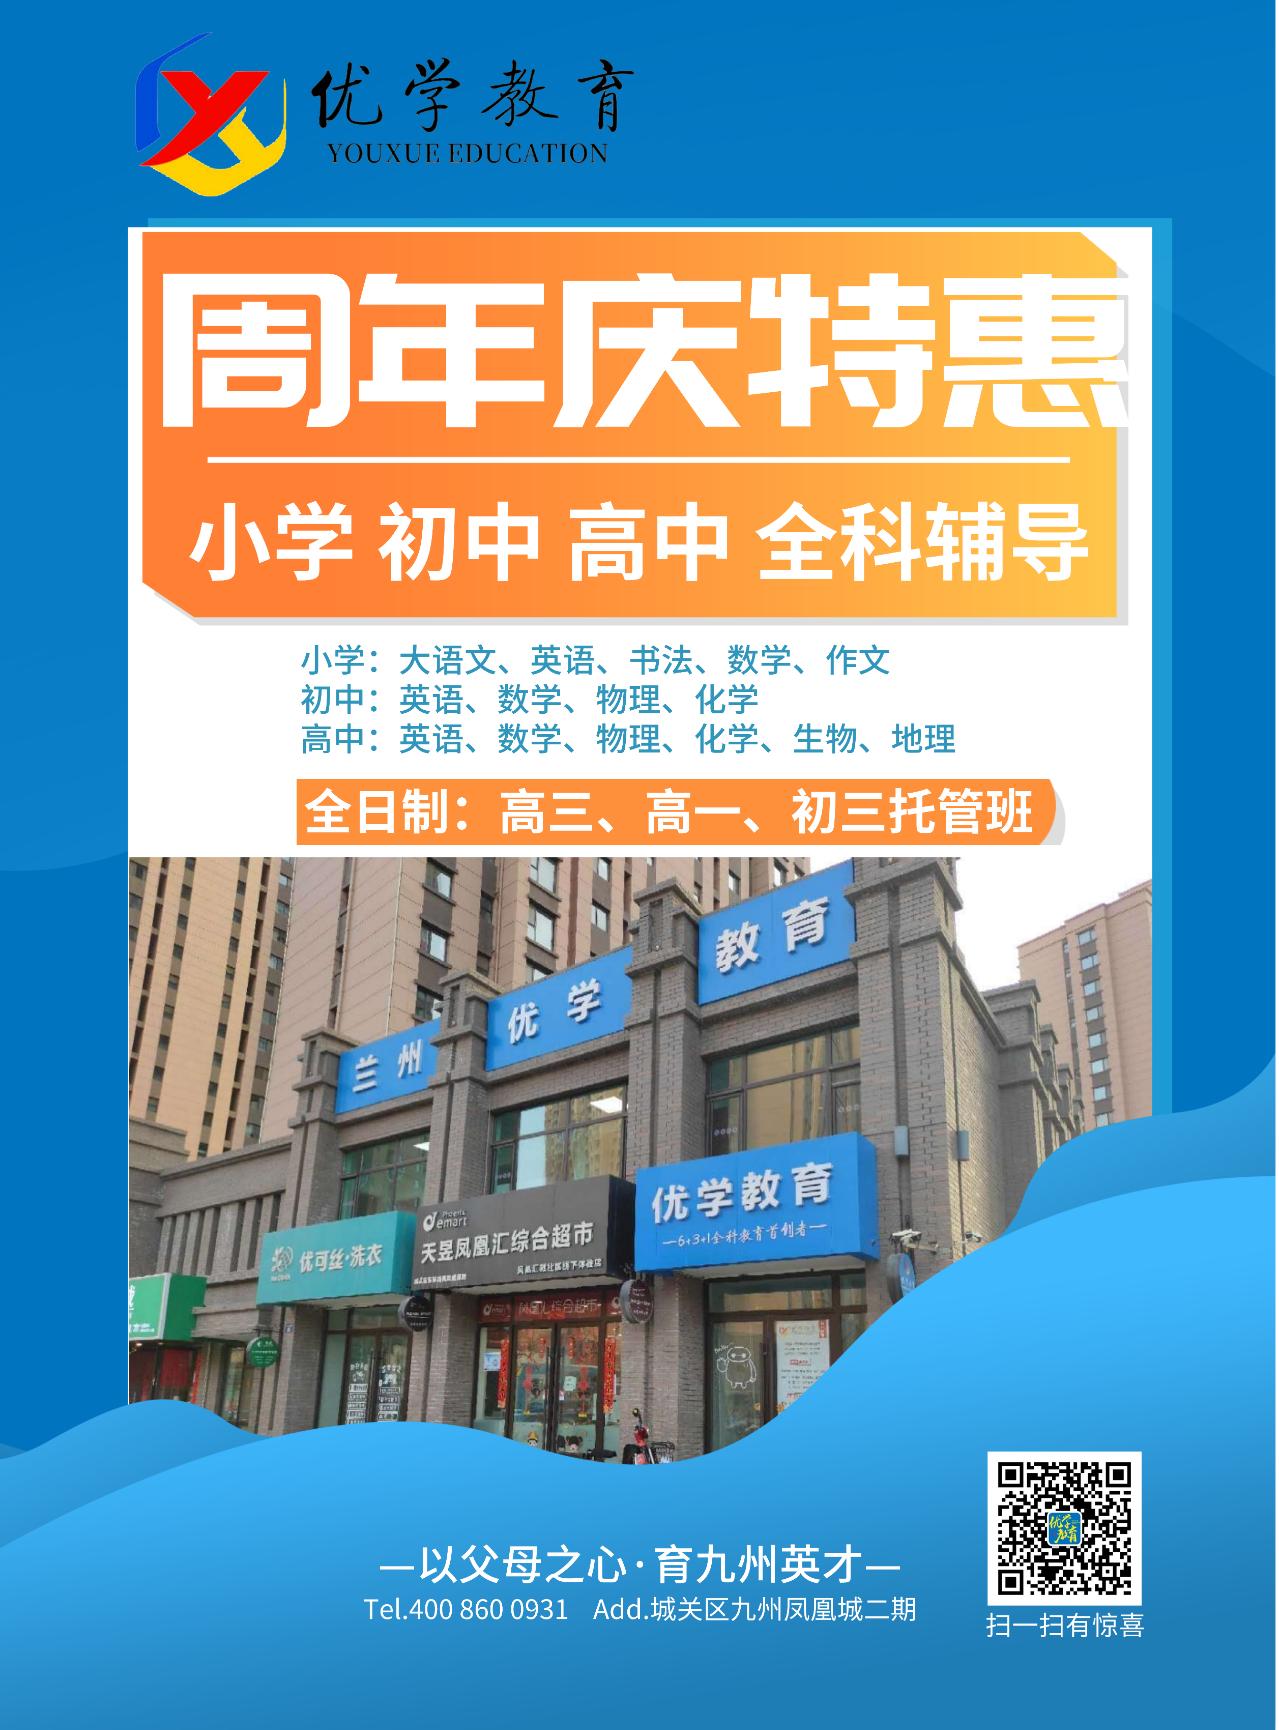 蘭州初中文化課輔導機構